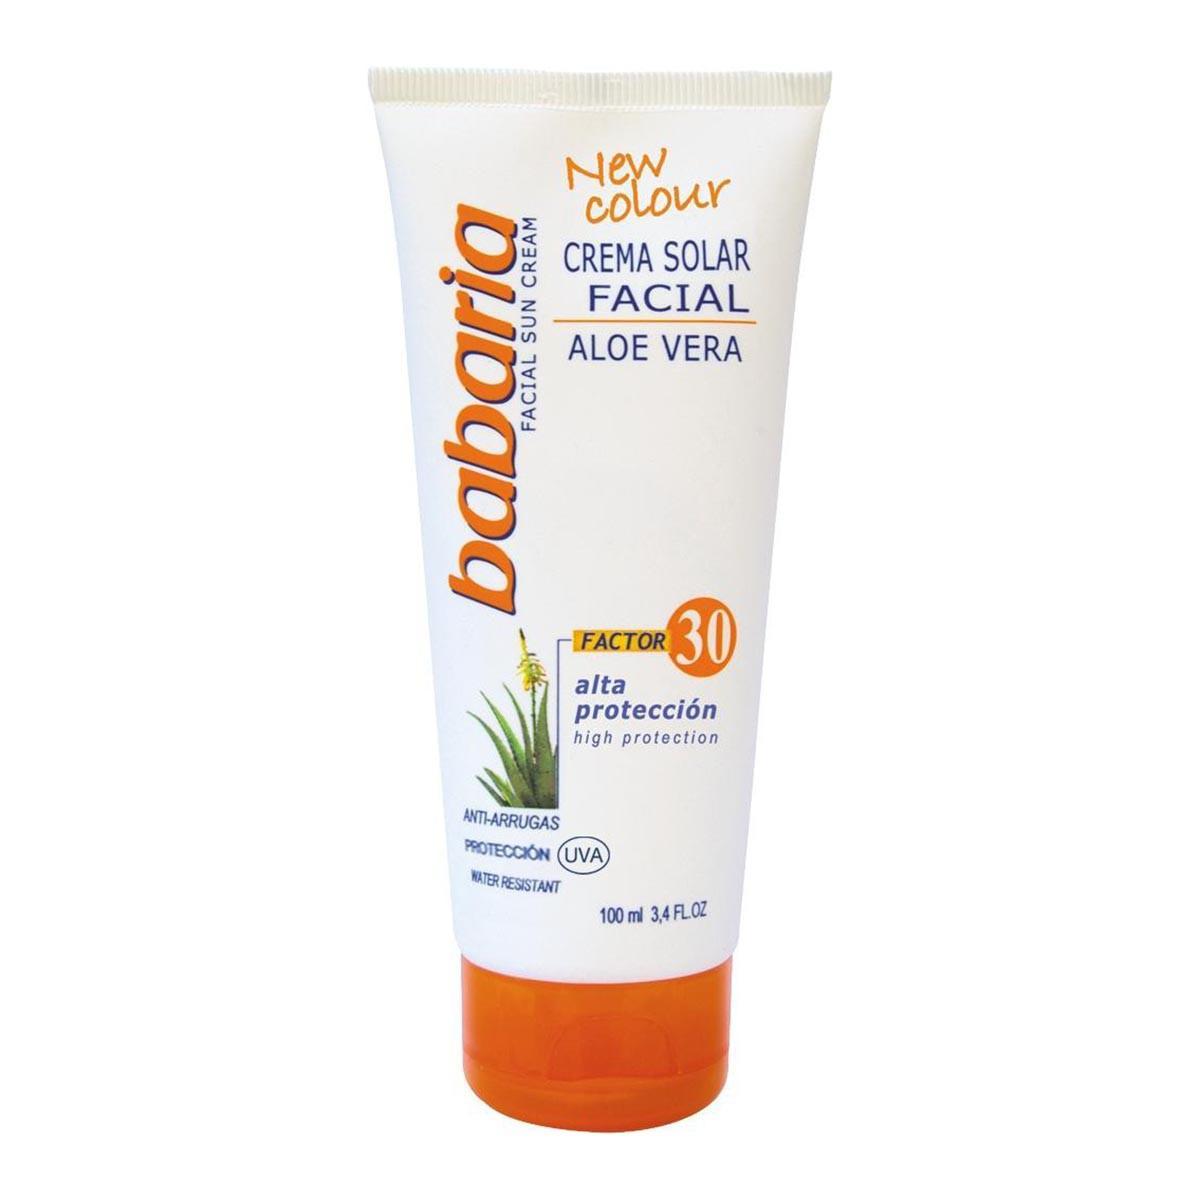 Babaria-fragrances Solar Facial Cream Aloe Vera Factor 30 Anti Wrinkle High Protection 100ml